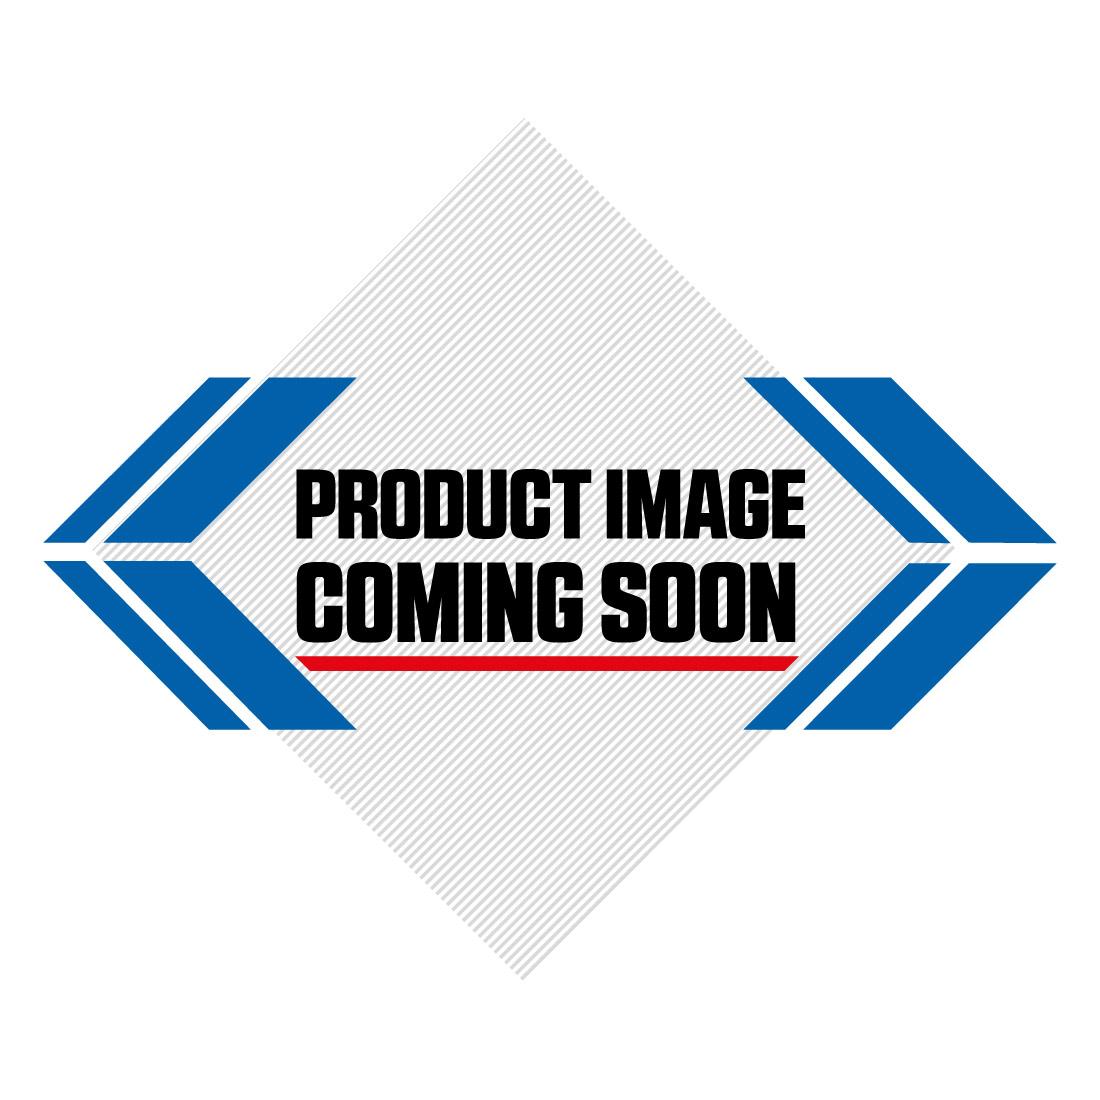 UFO KTM Plastic Kit SX 125 150 250 SXF 250 350 450 (16-18) Black Image-1